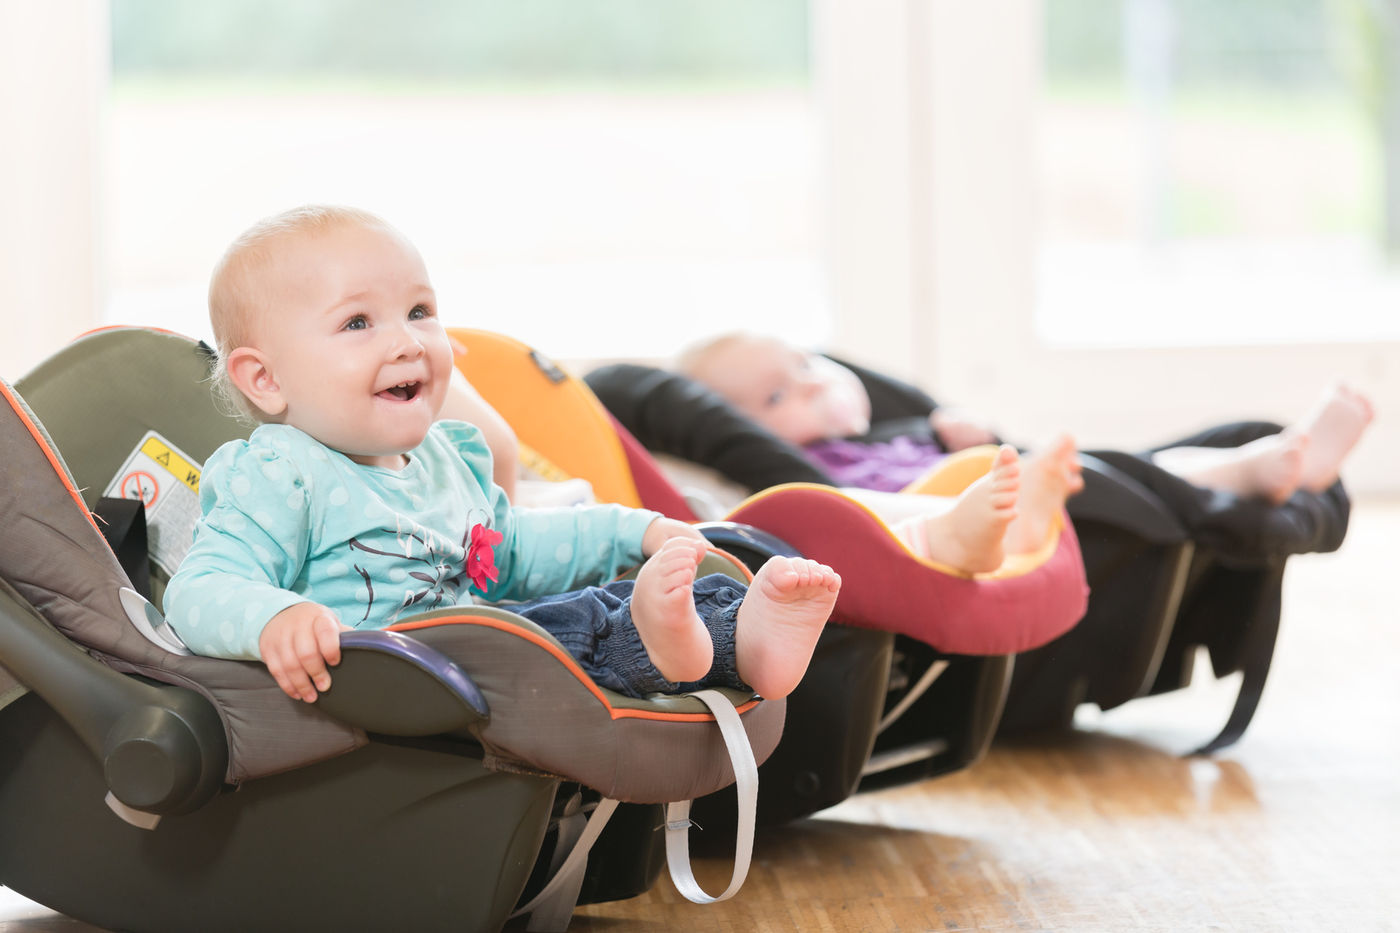 stiftung warentest kindersitze im test finger weg von. Black Bedroom Furniture Sets. Home Design Ideas